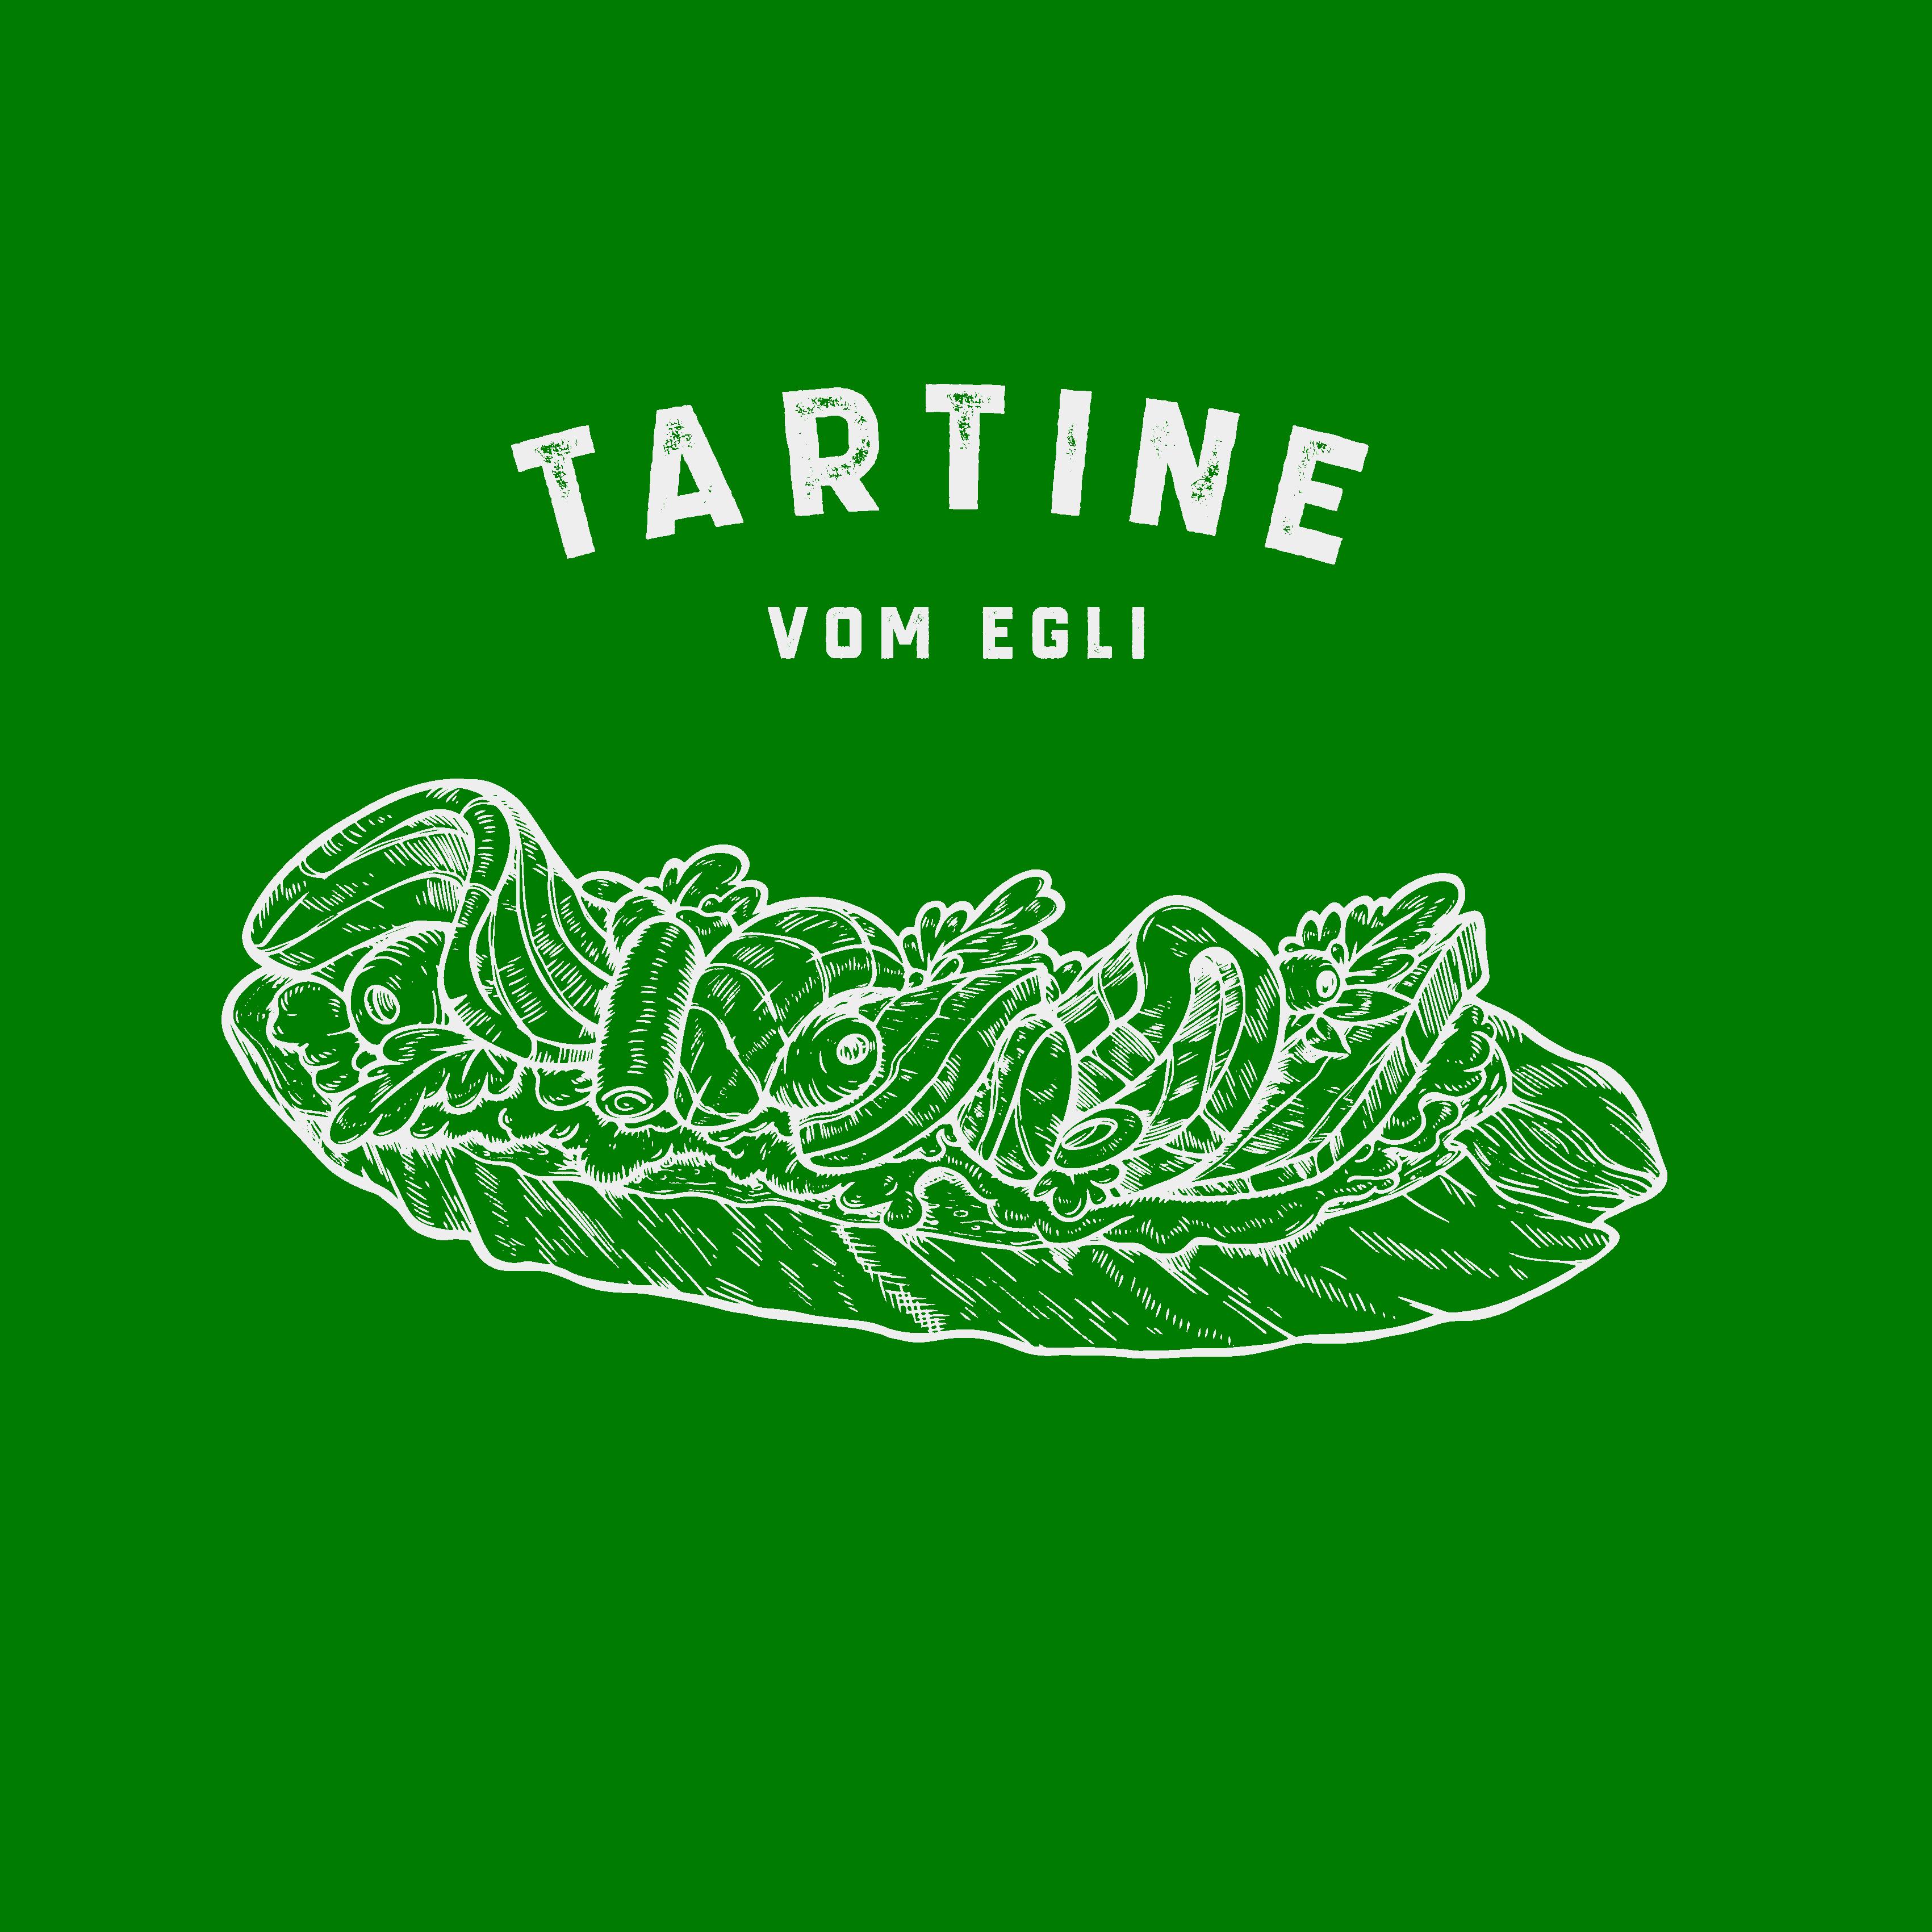 FT LABEL FOOD DE TARTINE